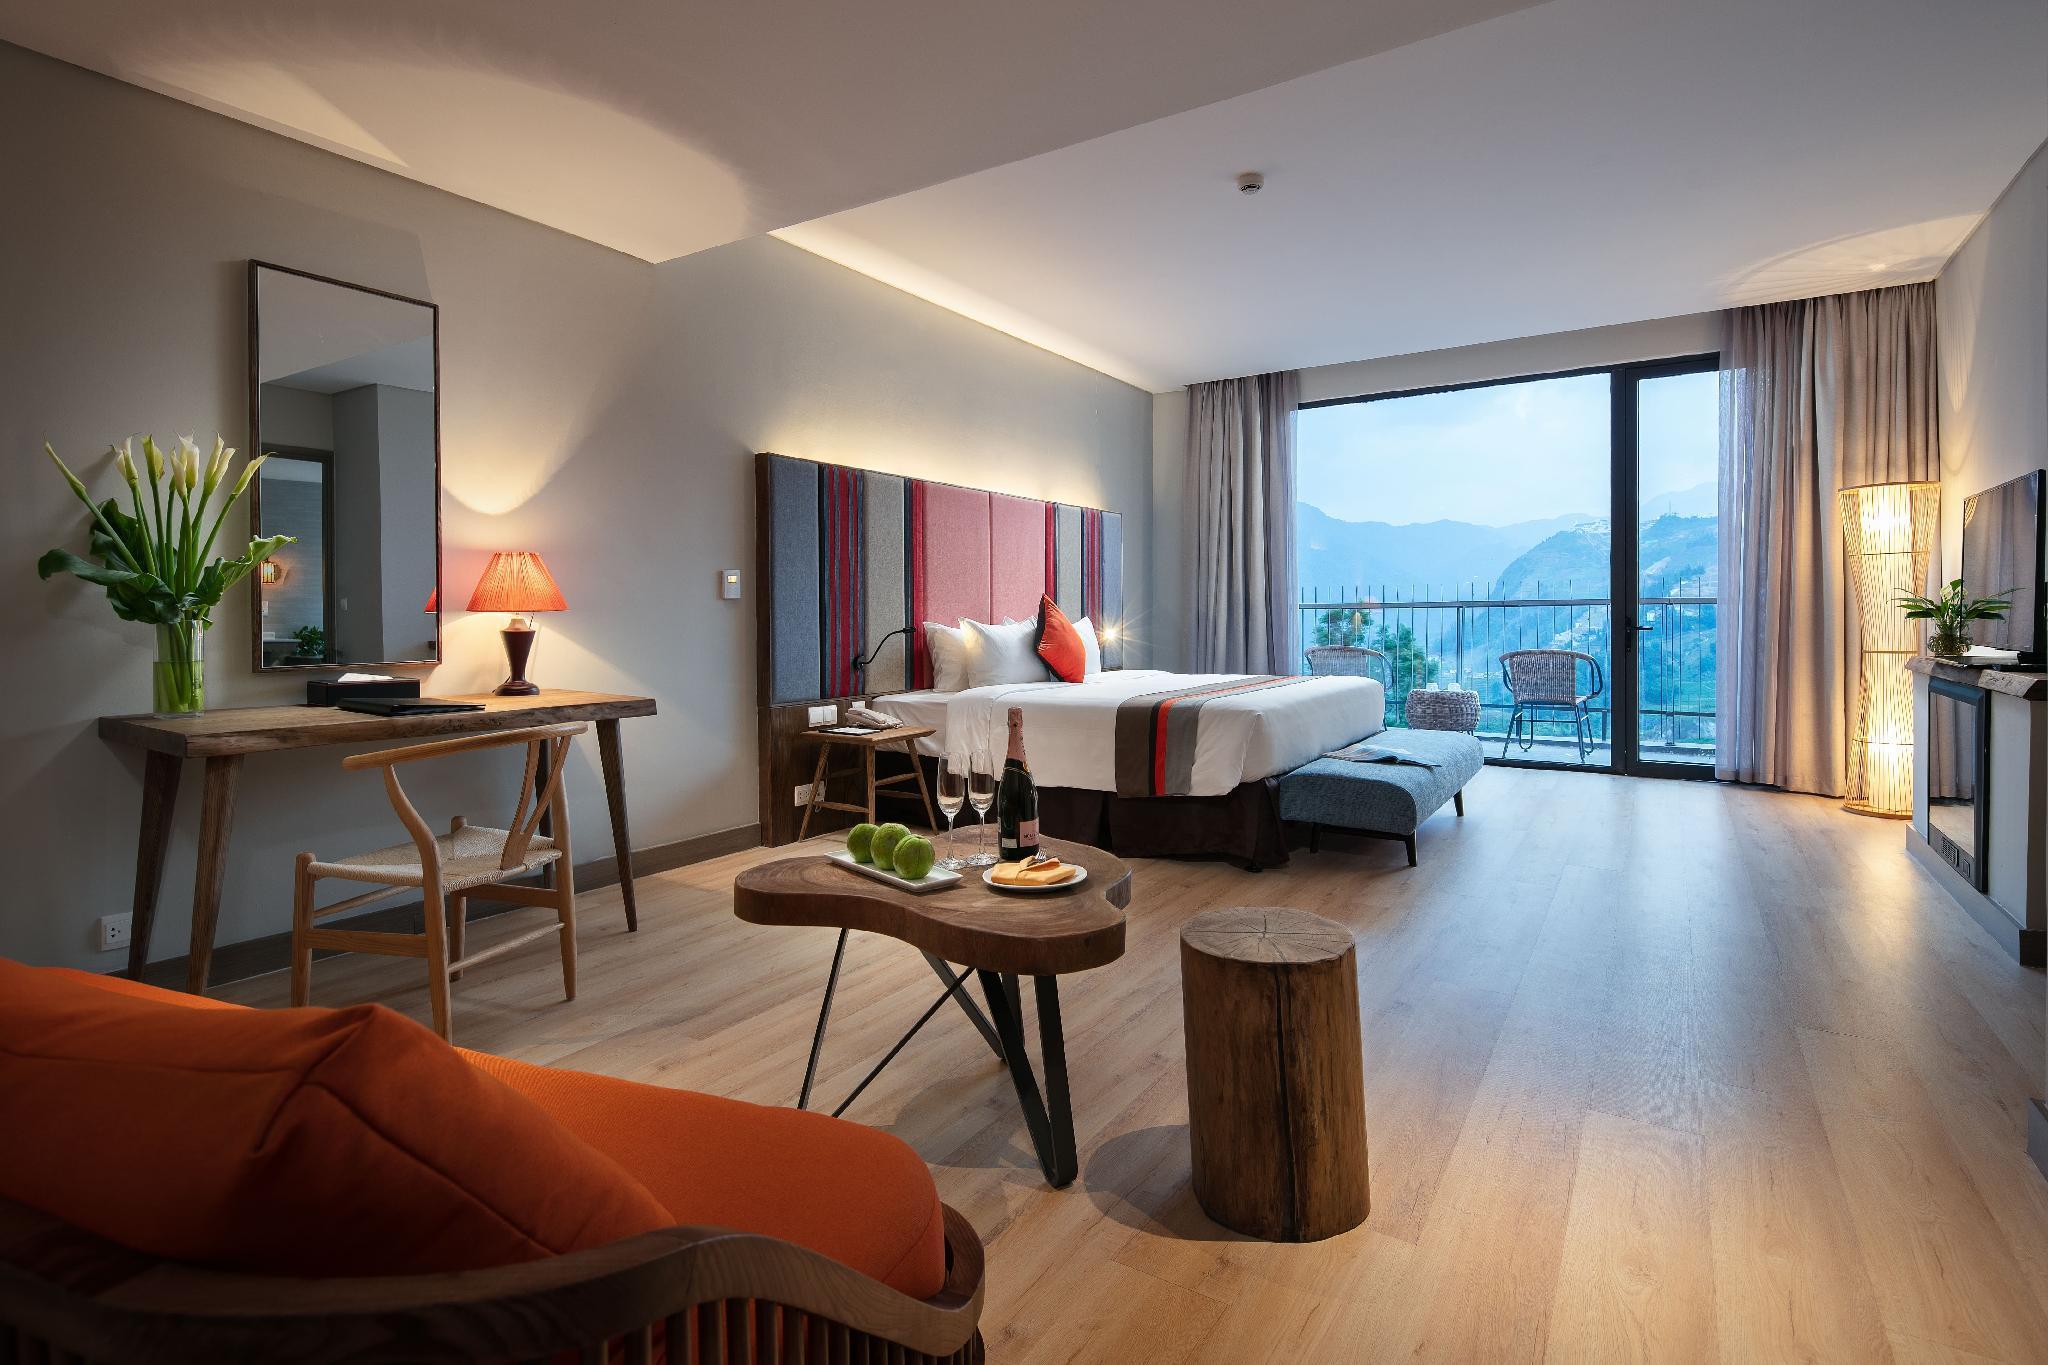 Pao's Sapa Leisure Hotel, Sa Pa